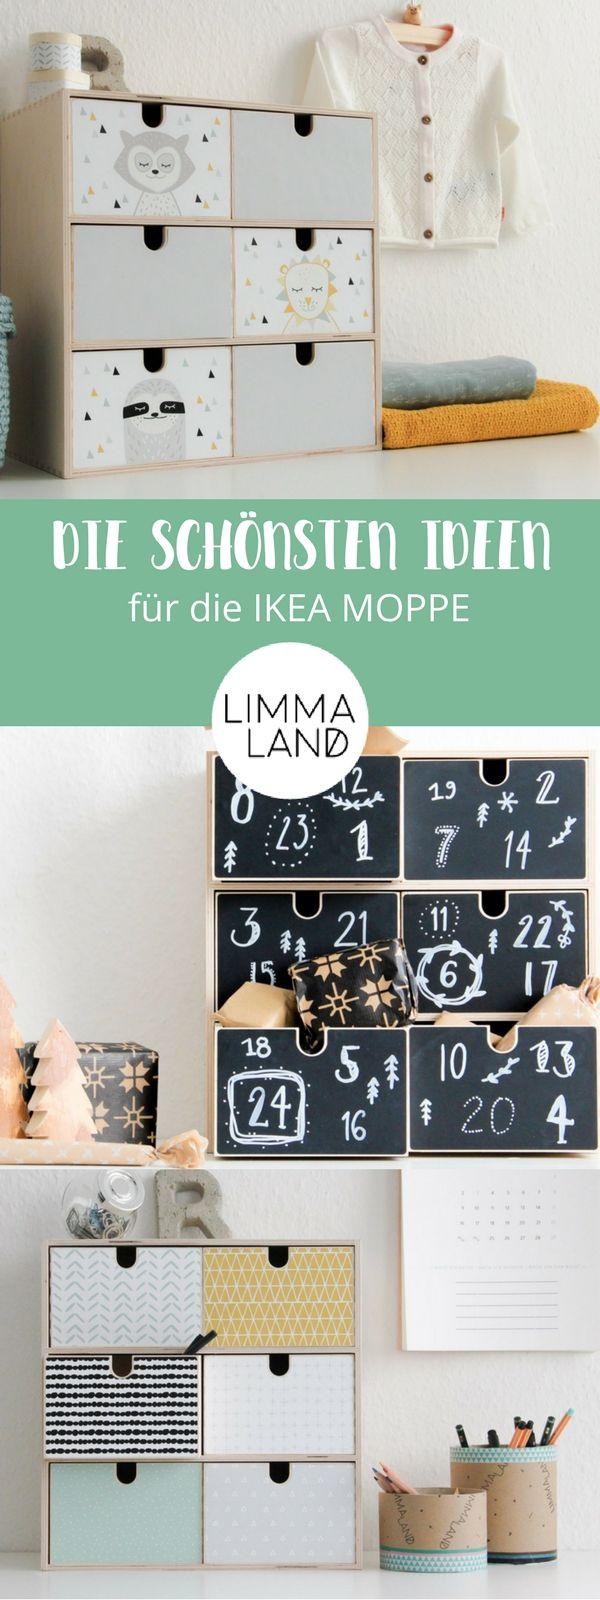 IKEA Mini-Kommode: Die besten Ideen für die MOPPE